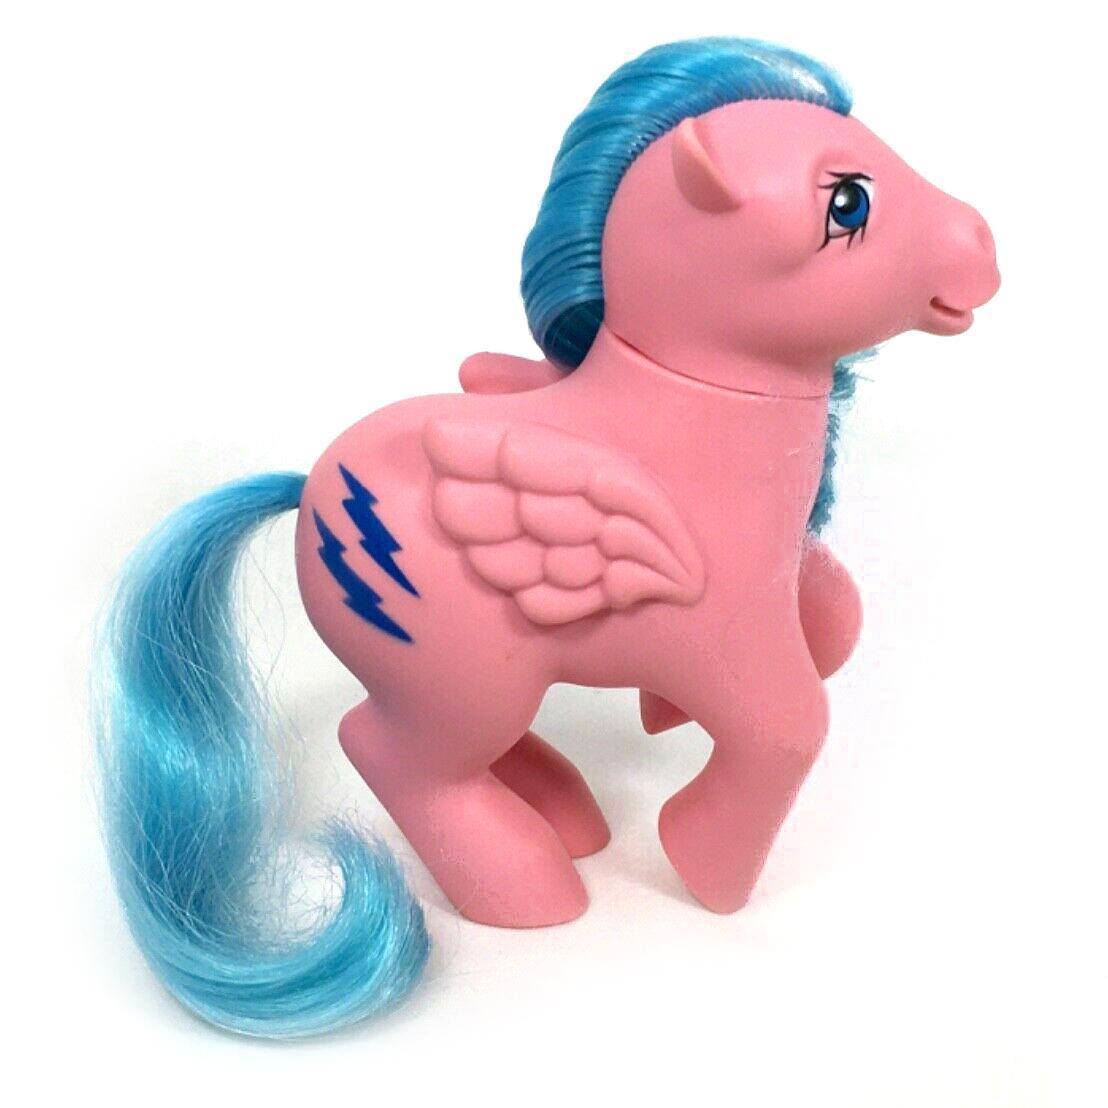 Exclusivit/é Jellybops ! MLP Grenouill/ère My Little Pony en polaire l/ég/ère avec d/étails suppl/émentaires